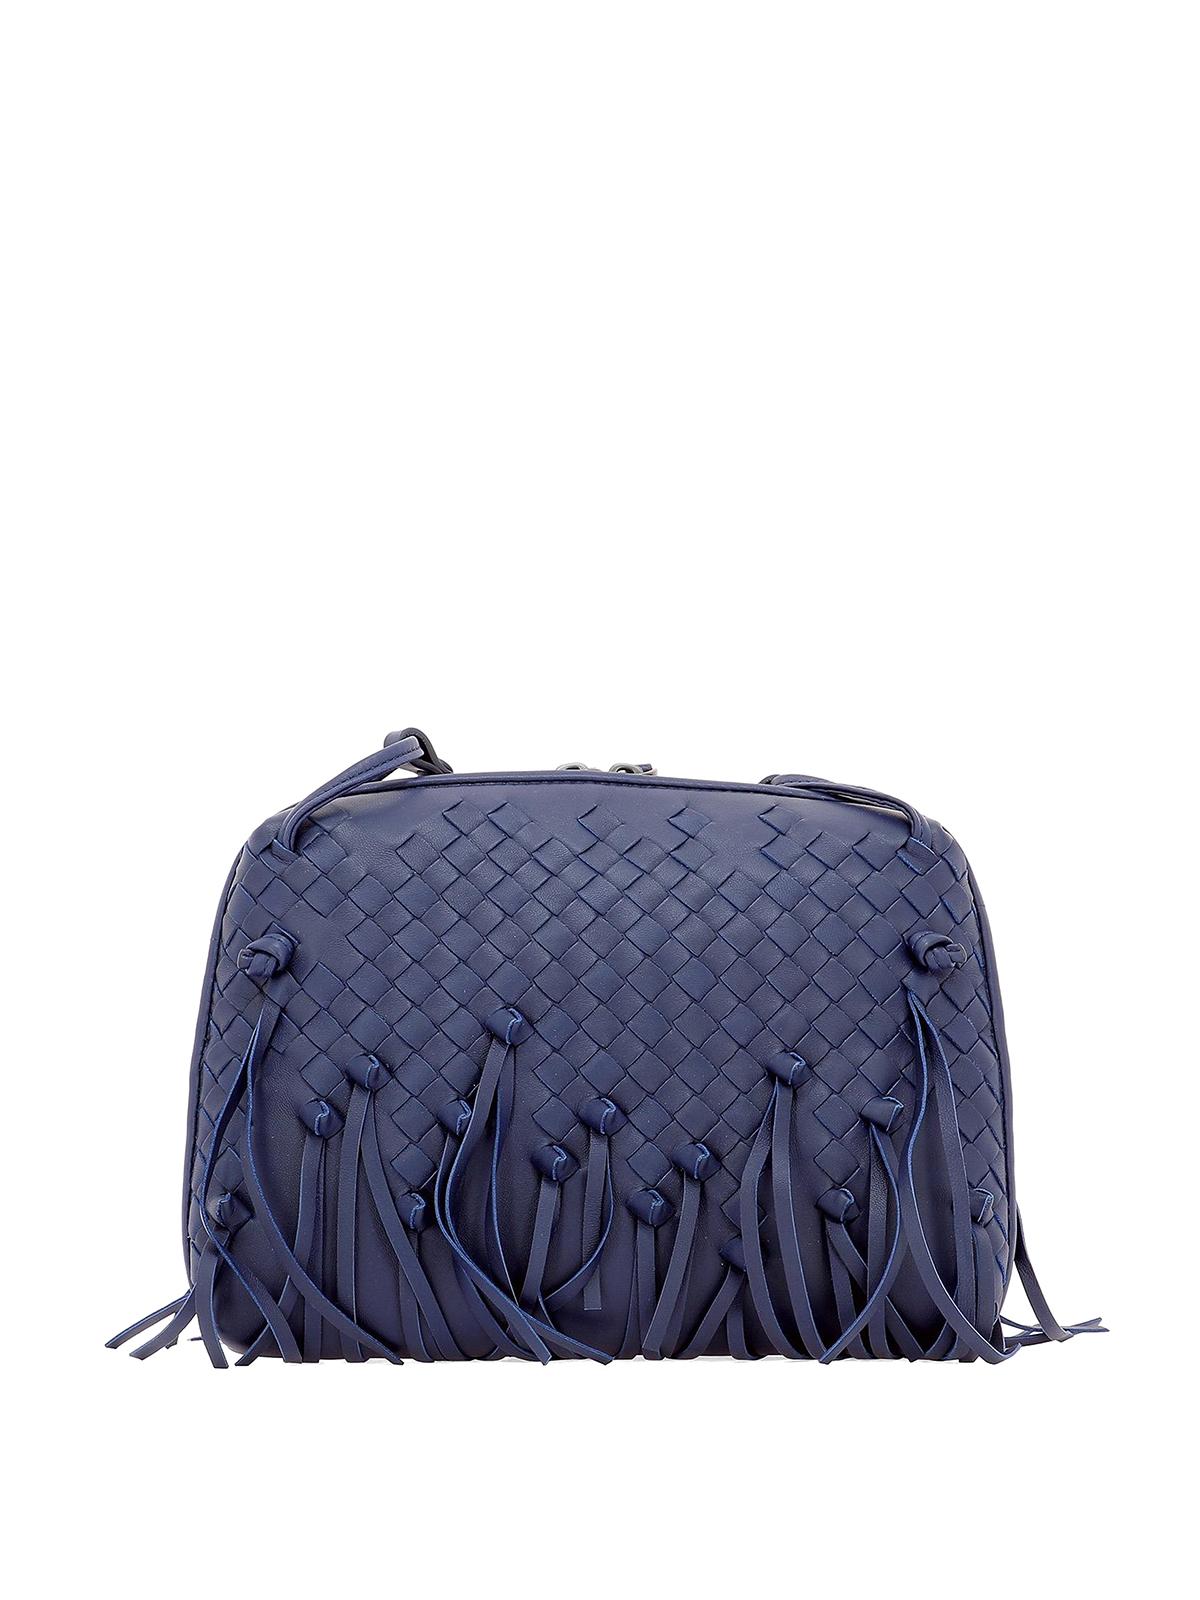 6908f1d5a20 iKRIX BOTTEGA VENETA  cross body bags - Intrecciato bag with Nodini details